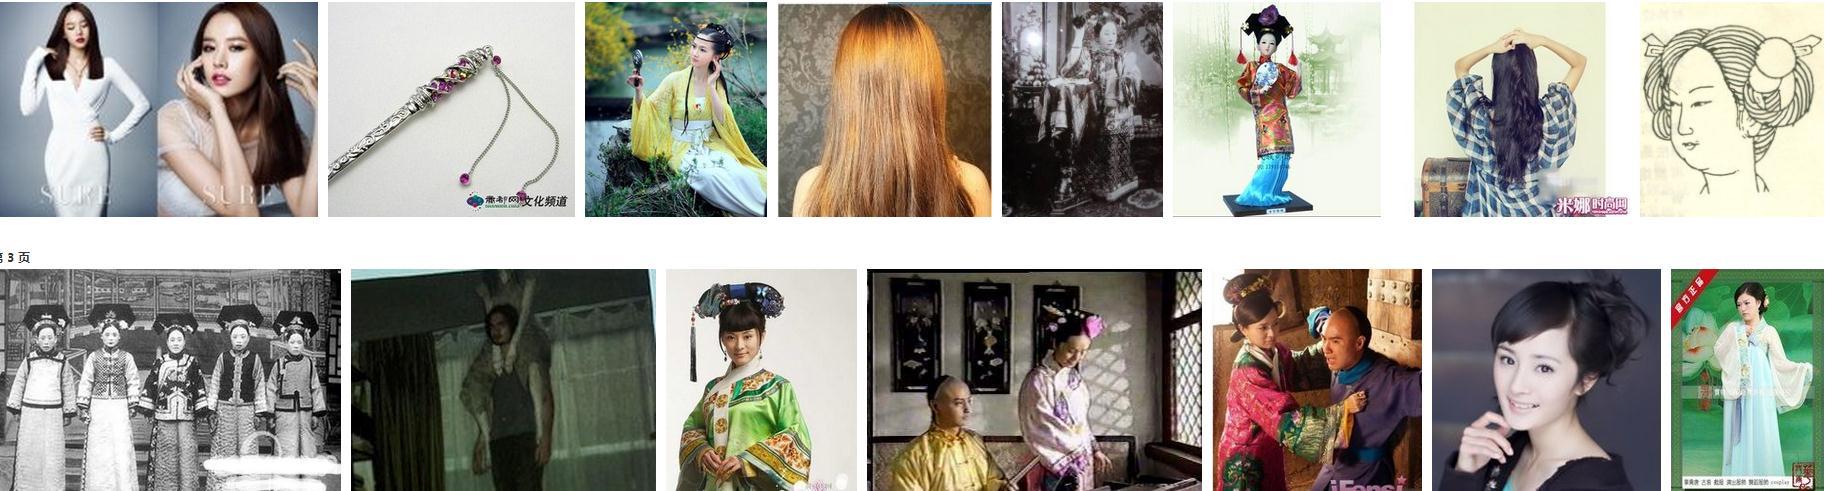 宫女头发怎么扎-图片解答图片